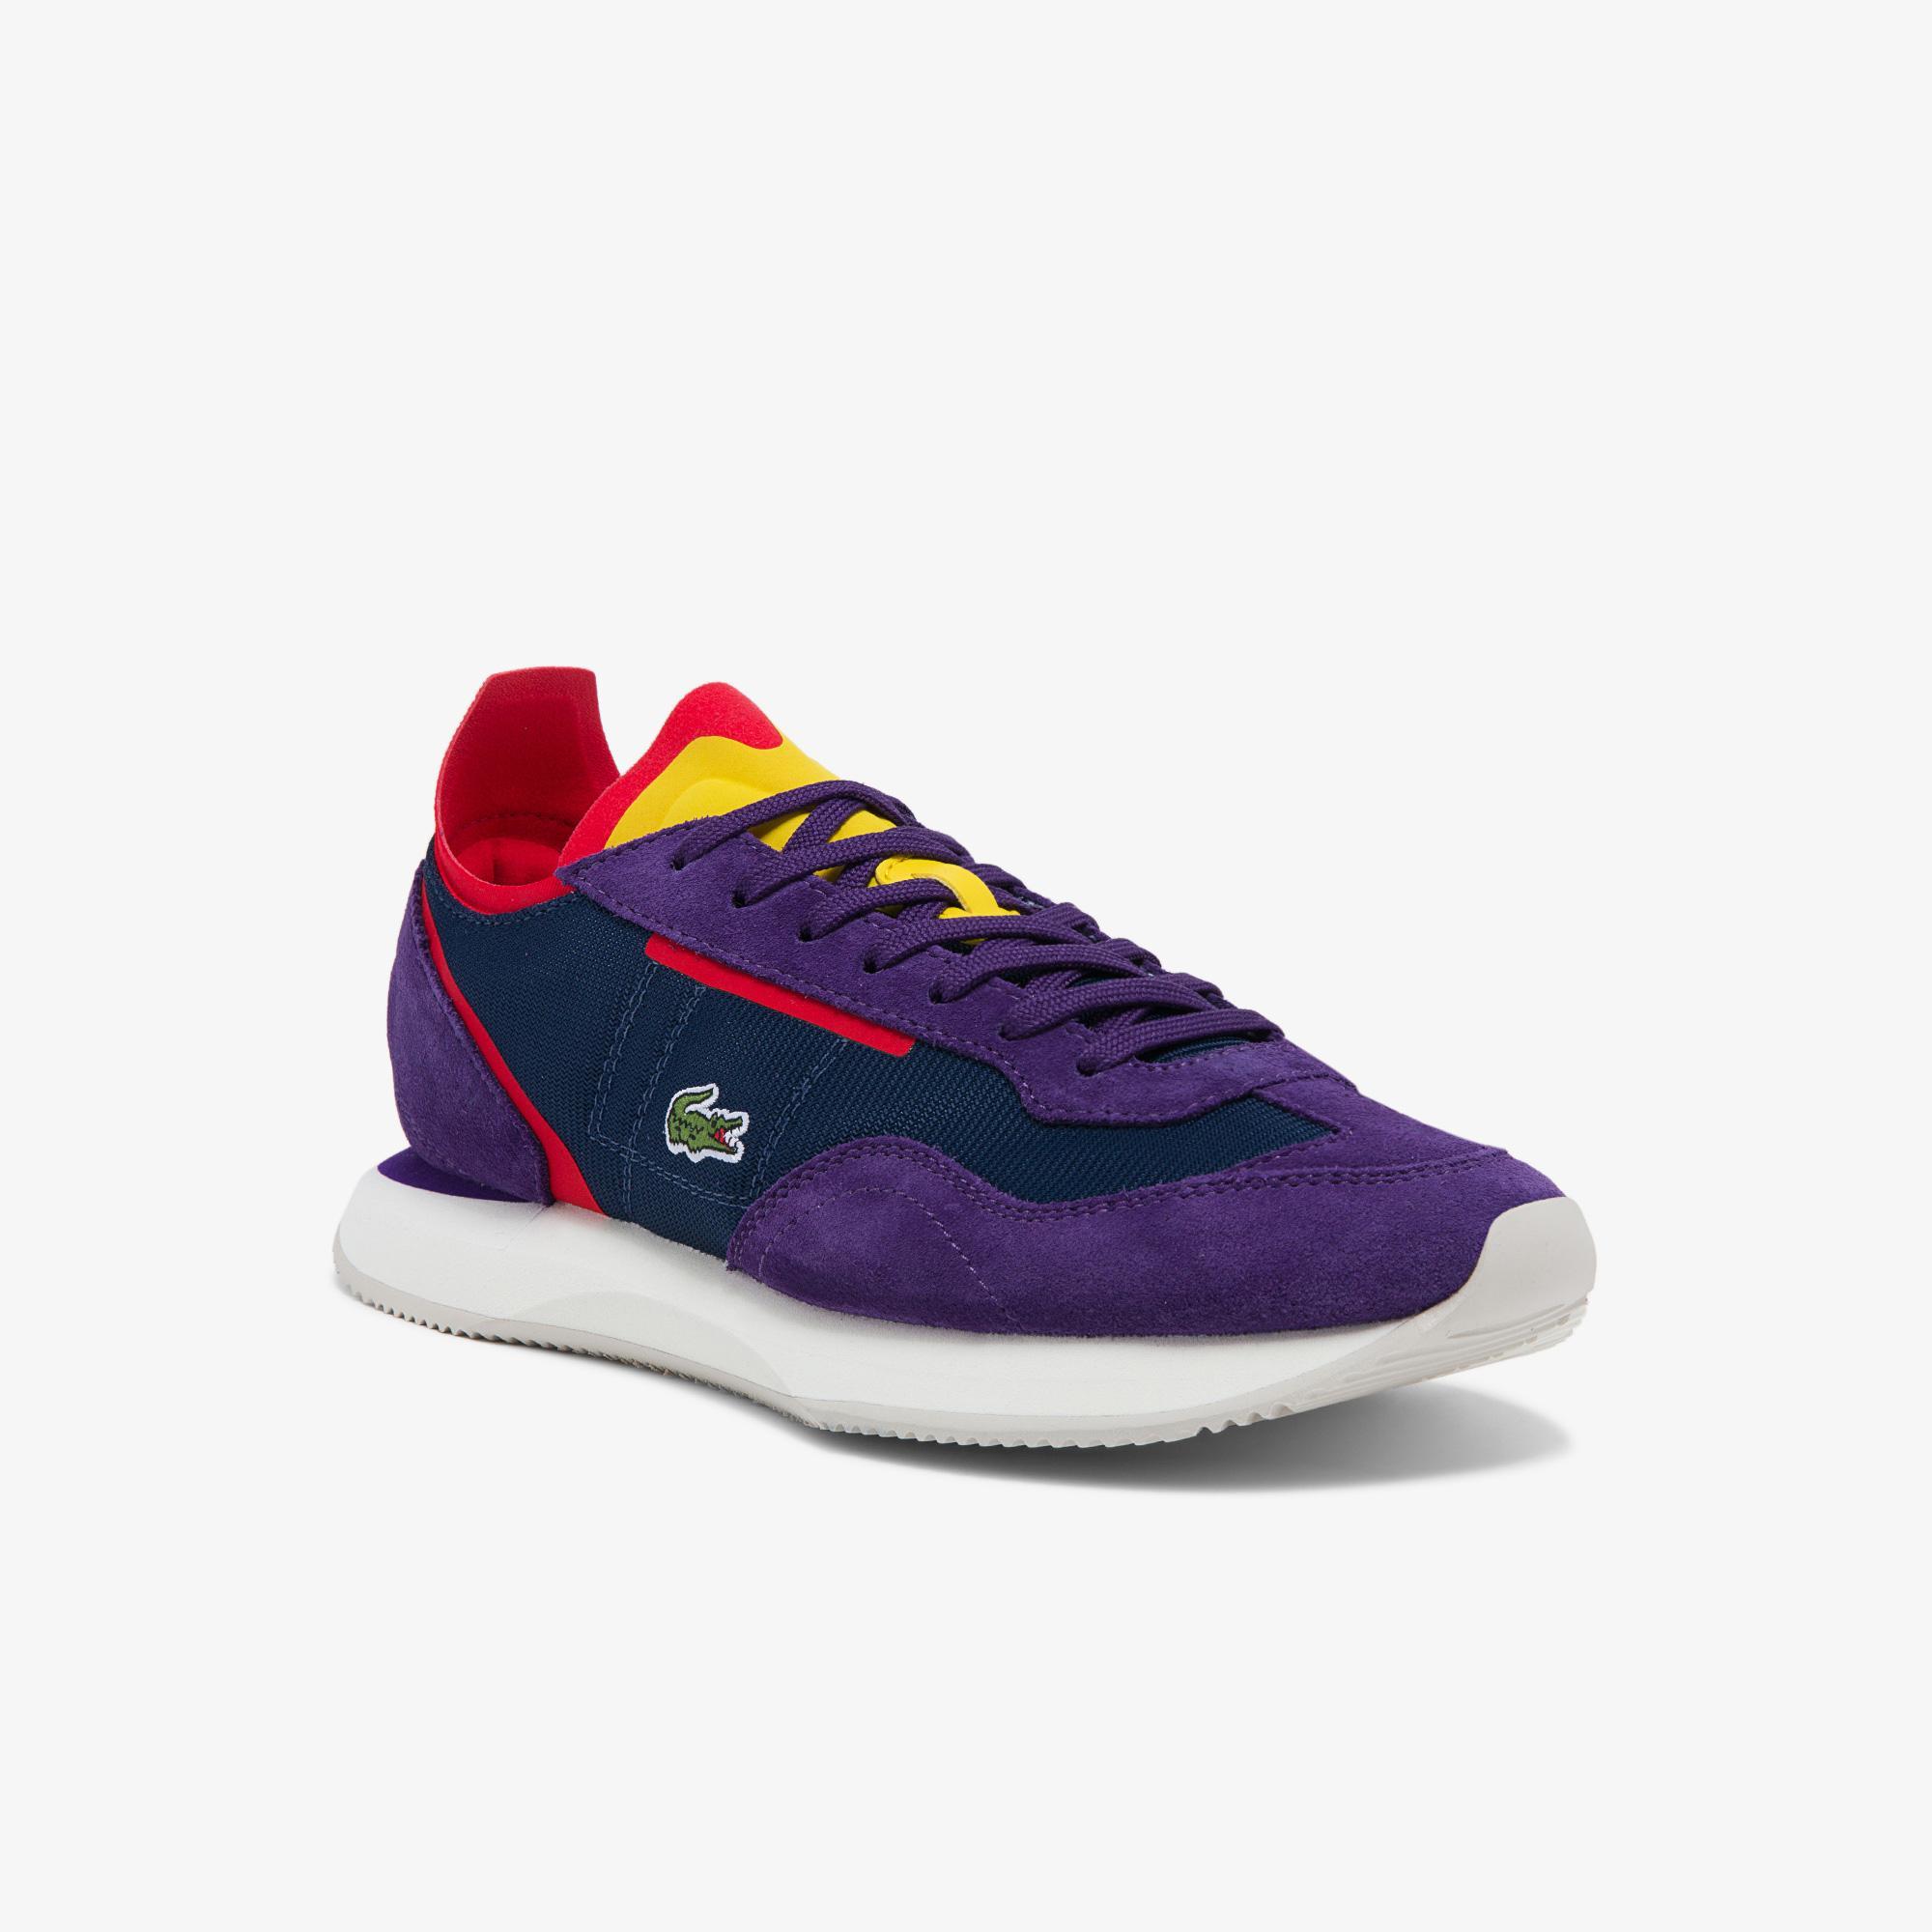 Lacoste Match Break 0121 3 Sfa Kadın Lacivert - Mor Sneaker